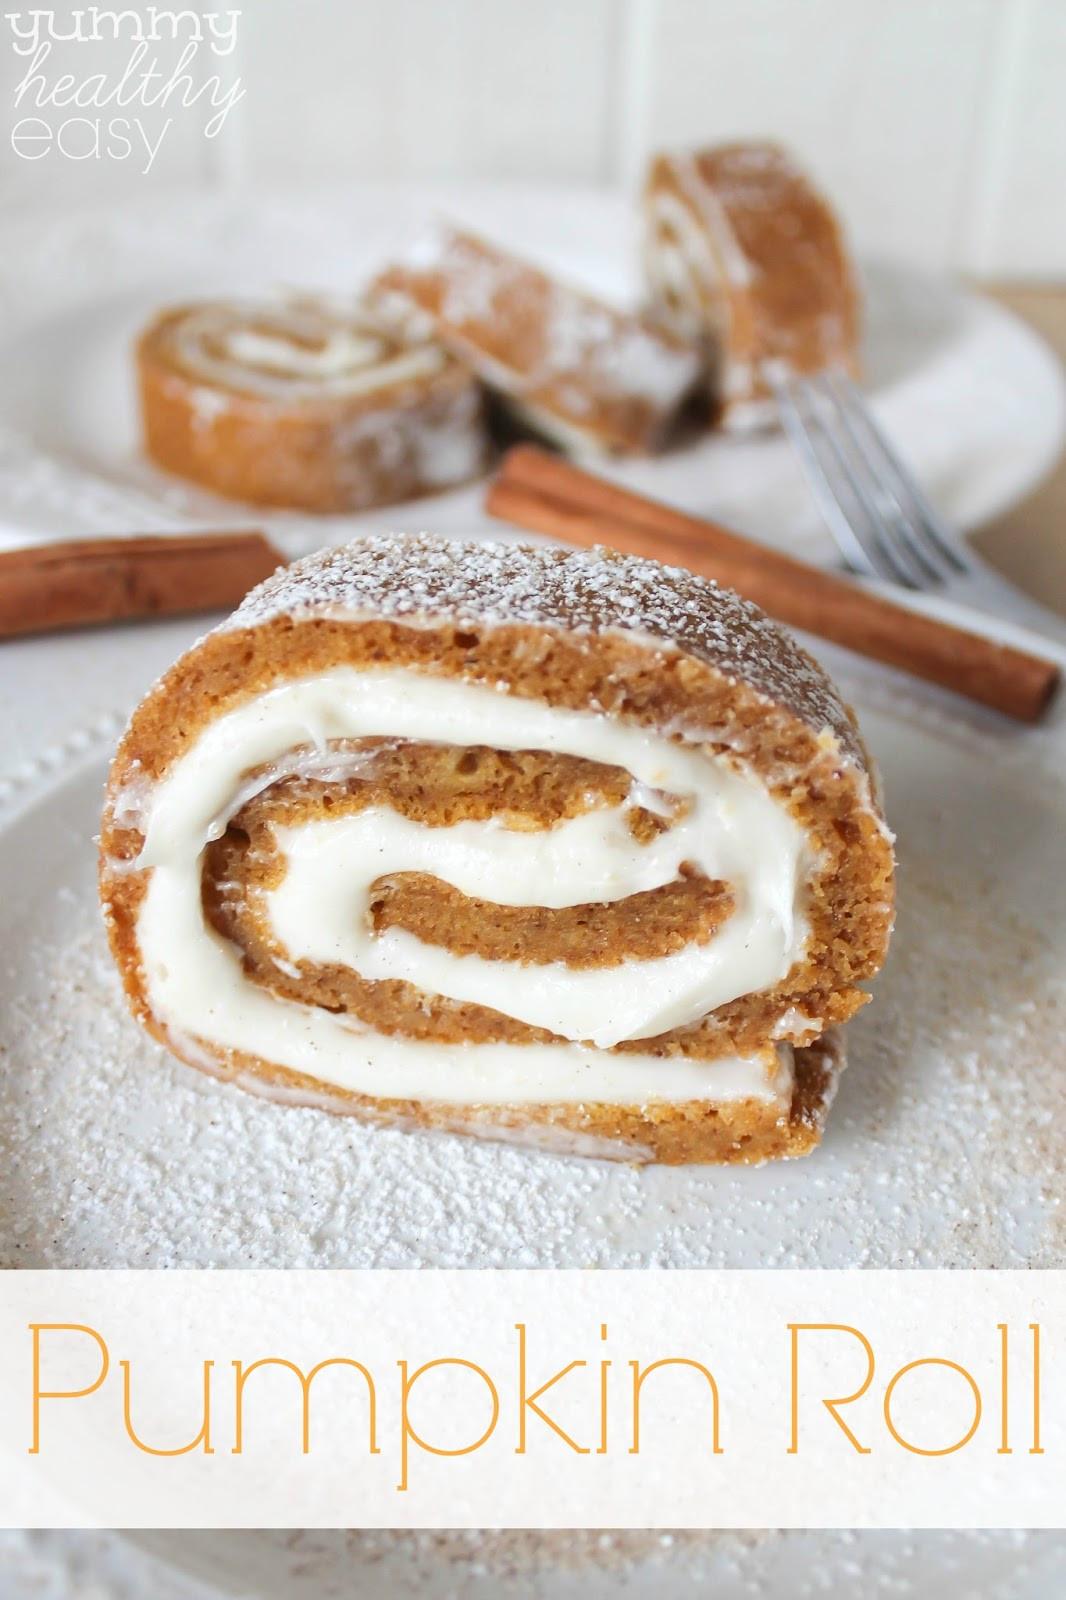 Quick Fall Desserts  Easy Pumpkin Roll Dessert Yummy Healthy Easy